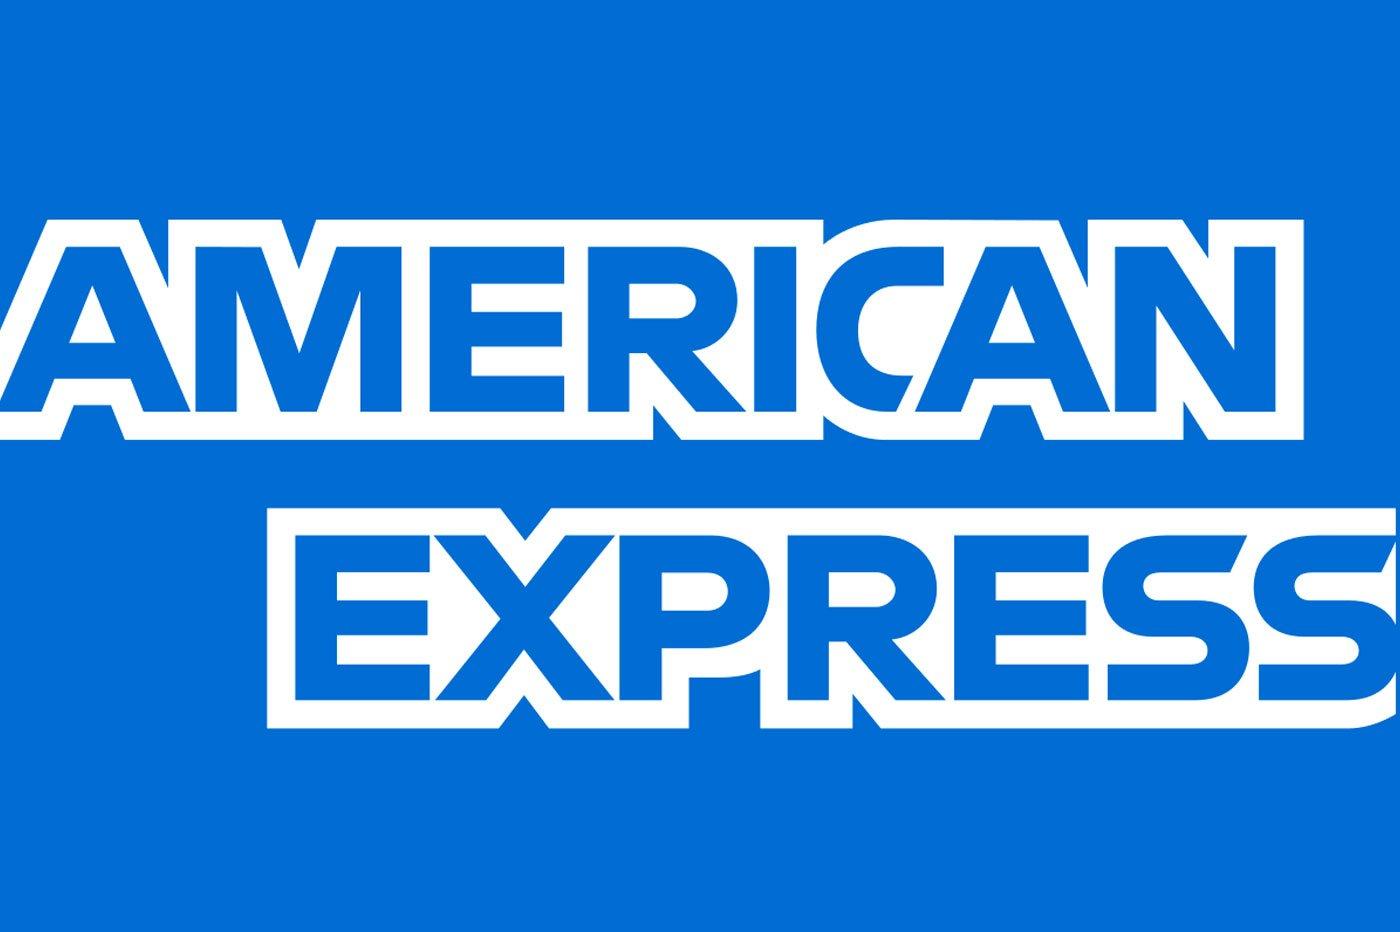 Quelle Banque En Ligne Supporte American Express